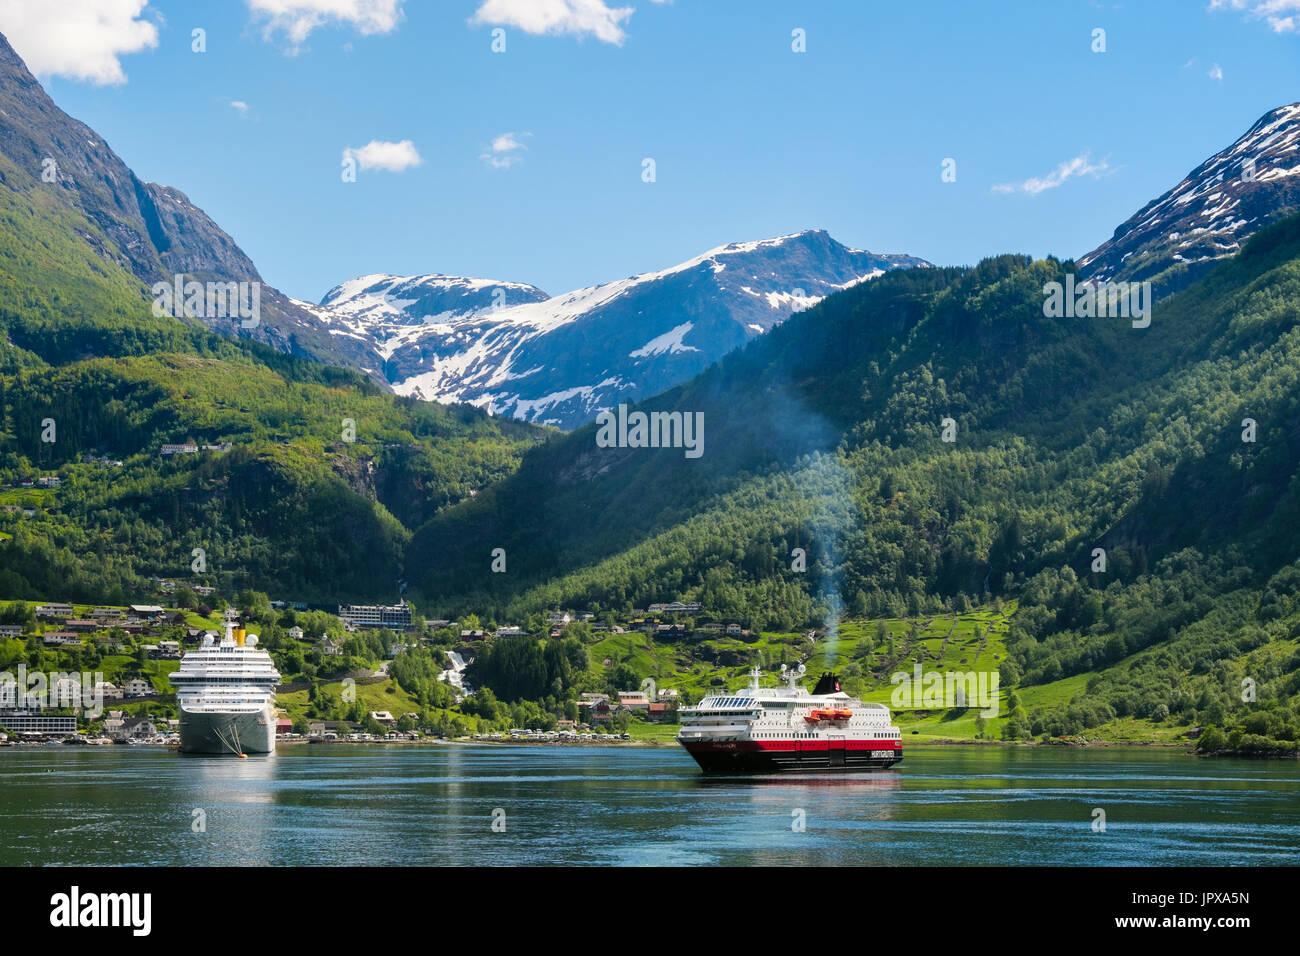 Kreuzfahrt Schiffe Ozeandampfer und Hurtigruten Kreuzfahrt Schiff Polarlys in im Sommer vor der Küste verankert. Geirangerfjord oder Geiranger Fjord Geiranger Norwegen Stockbild